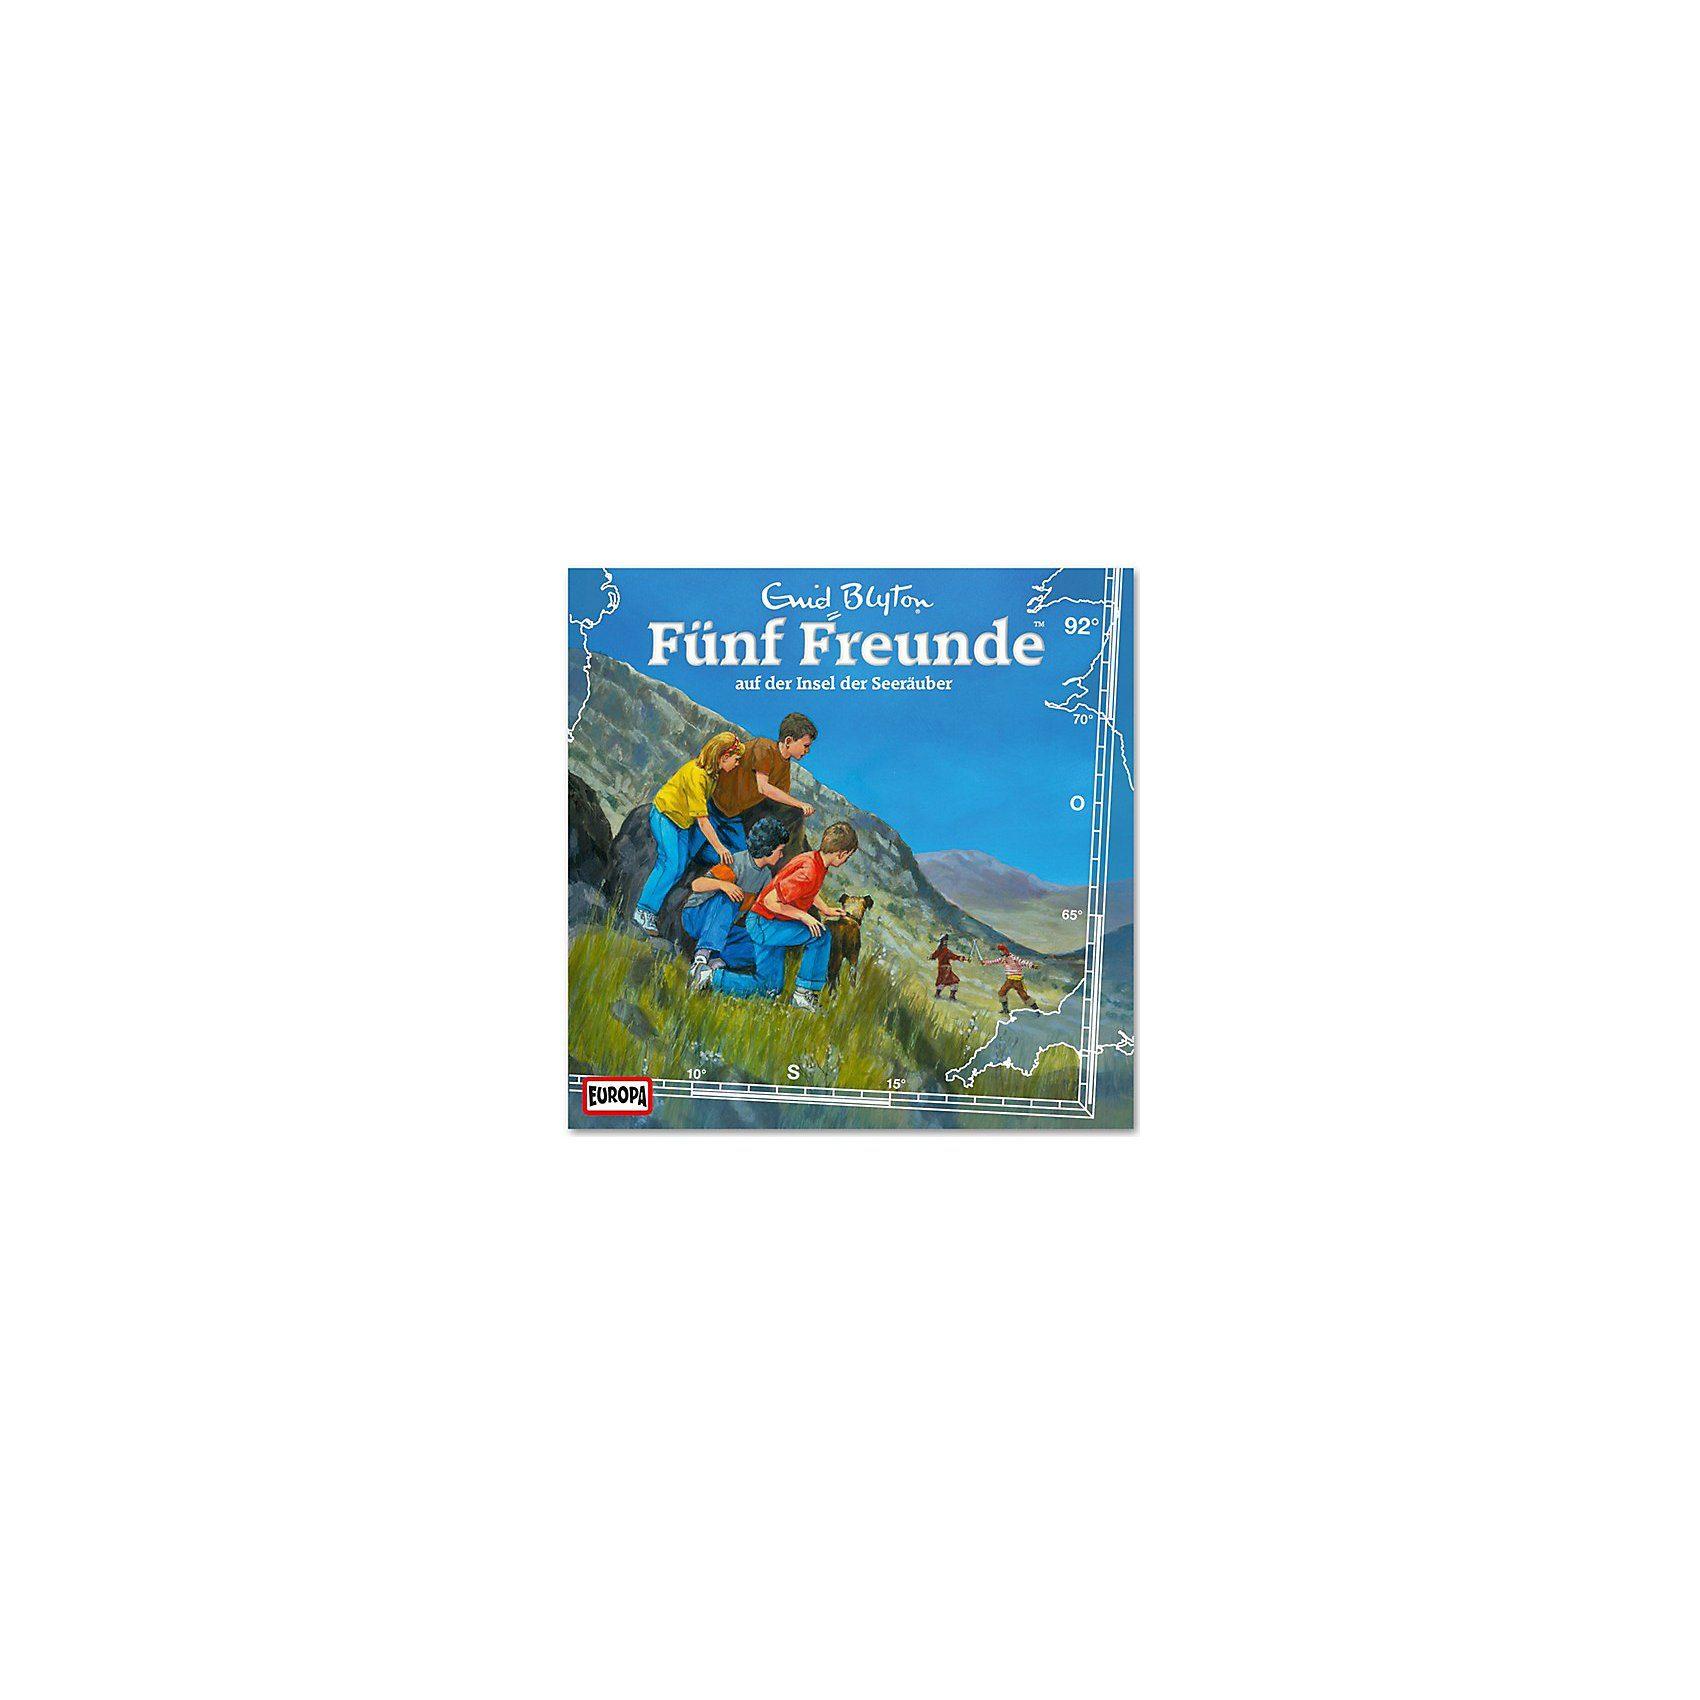 Sony CD Fünf Freunde 92 - auf der Insel der Seeräuber